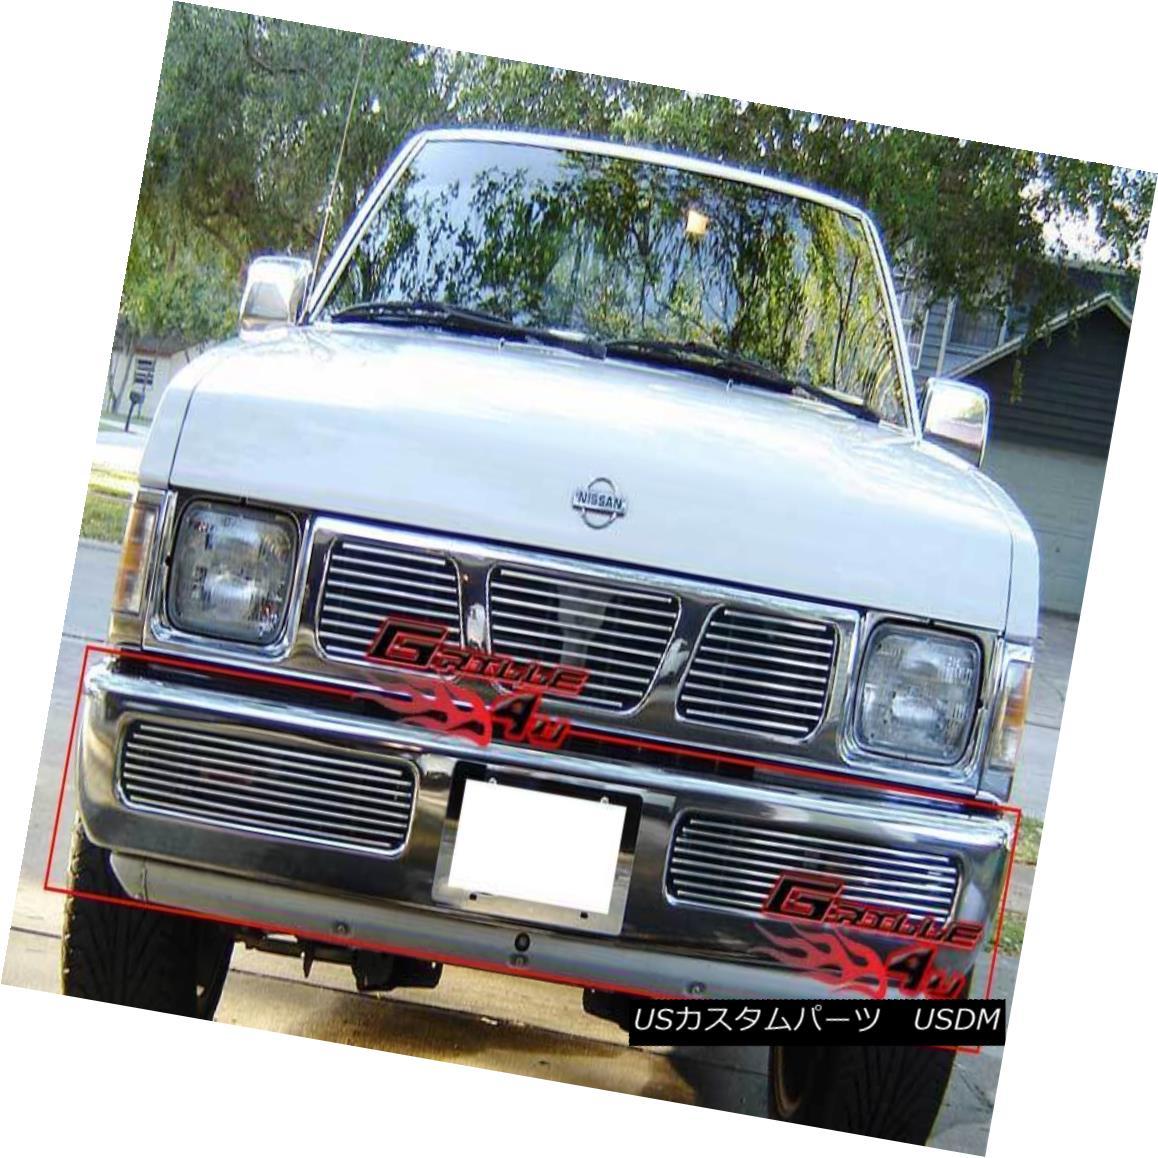 グリル Fits 95-97 Nissan Hardbody Lower Bumper Billet Grille Insert フィット95-97日産ハードボディロワーバンパービレットグリルインサート